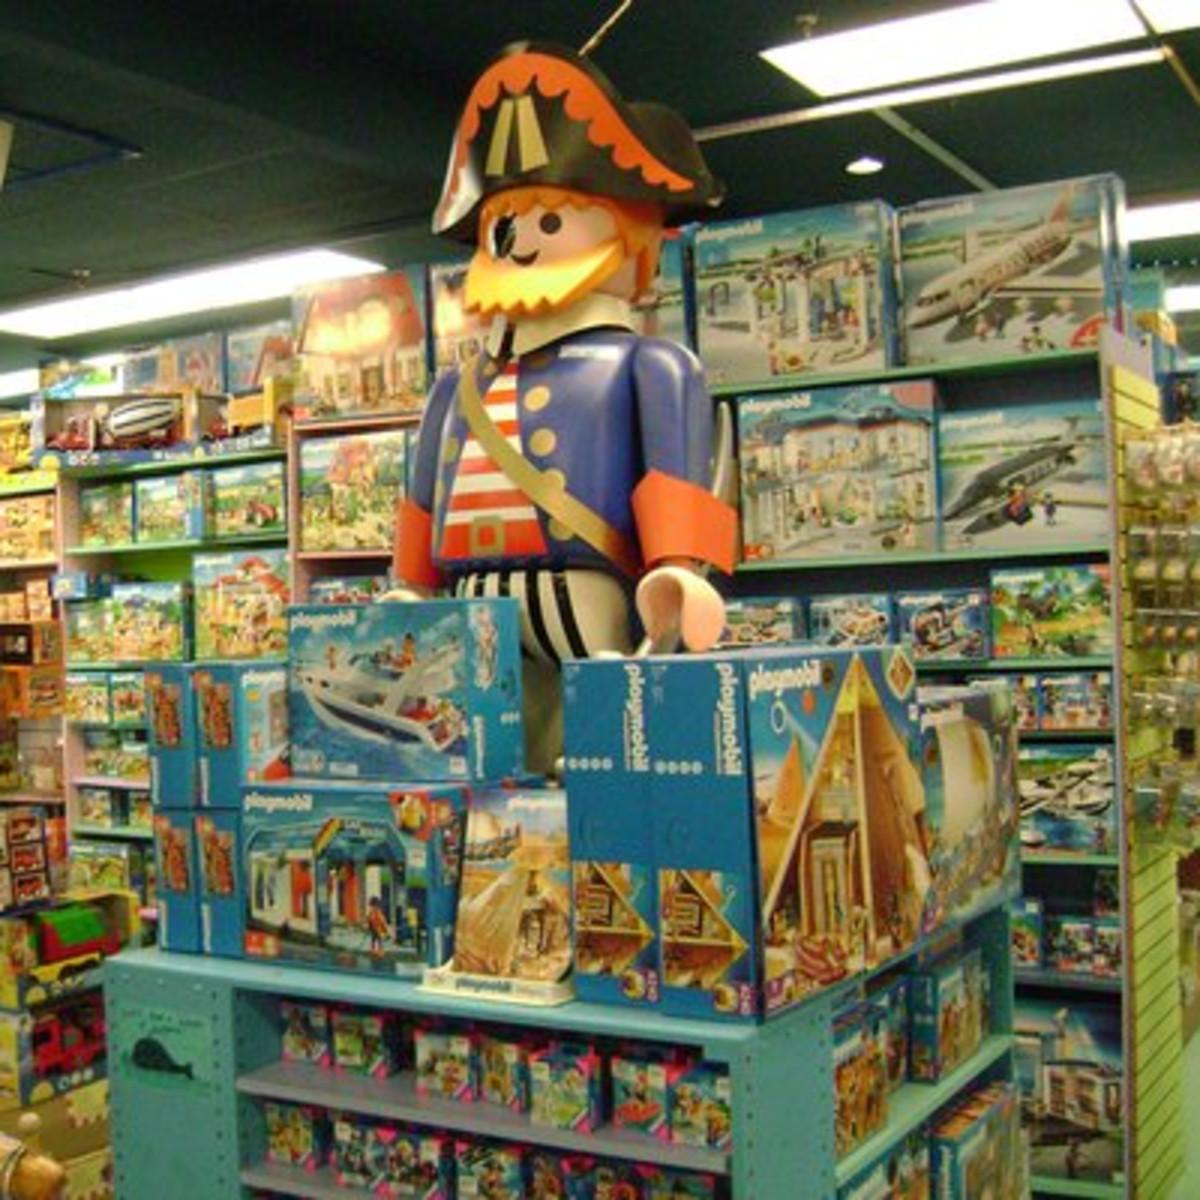 Austin Photo: Places_shopping_terra_toys_playmobil